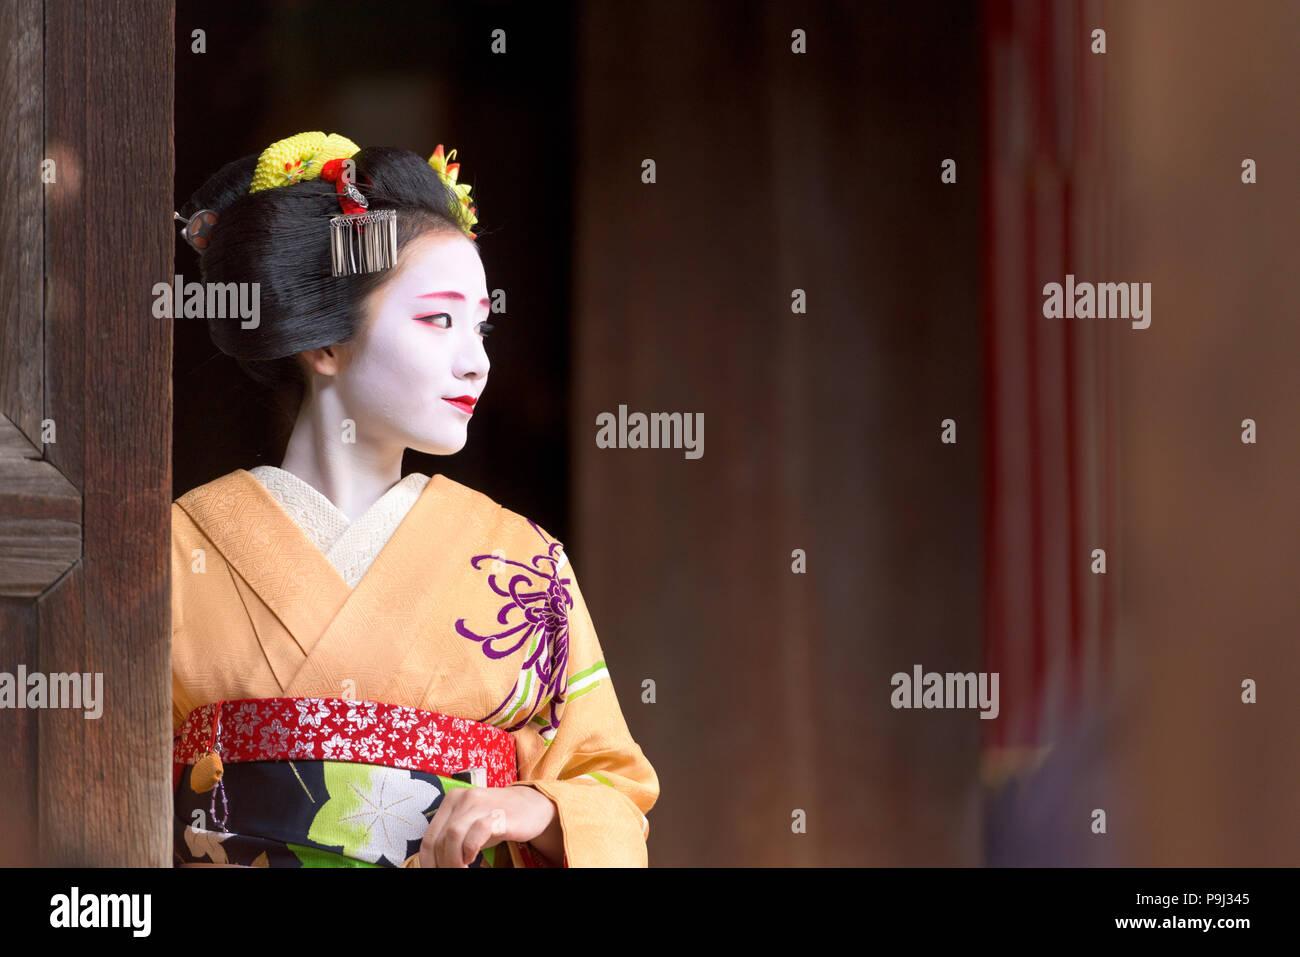 KYOTO, JAPON - 28 NOVEMBRE 2015: une femme en robe de la Maiko traditionnel donne d'un temple de la porte. Photo Stock